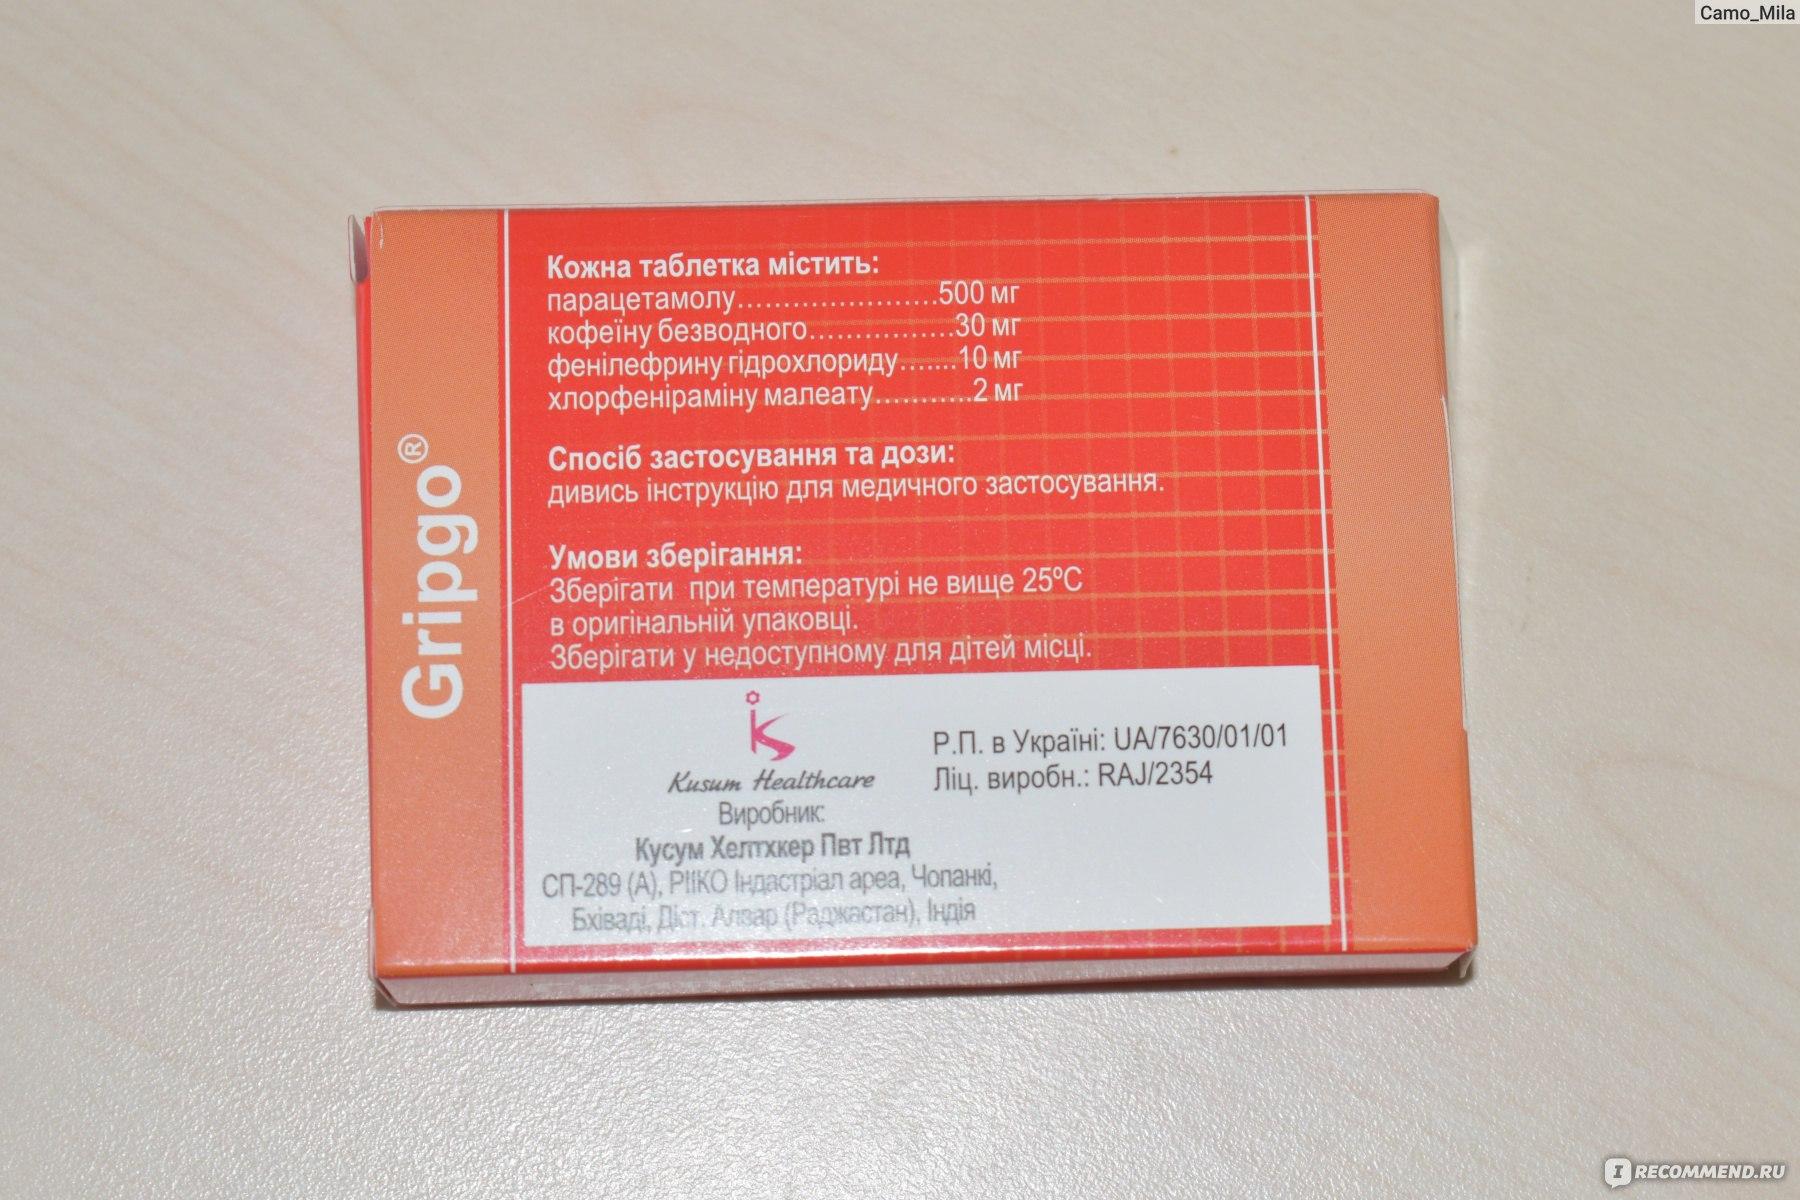 Грипго: состав, показания, дозировка, побочные эффекты